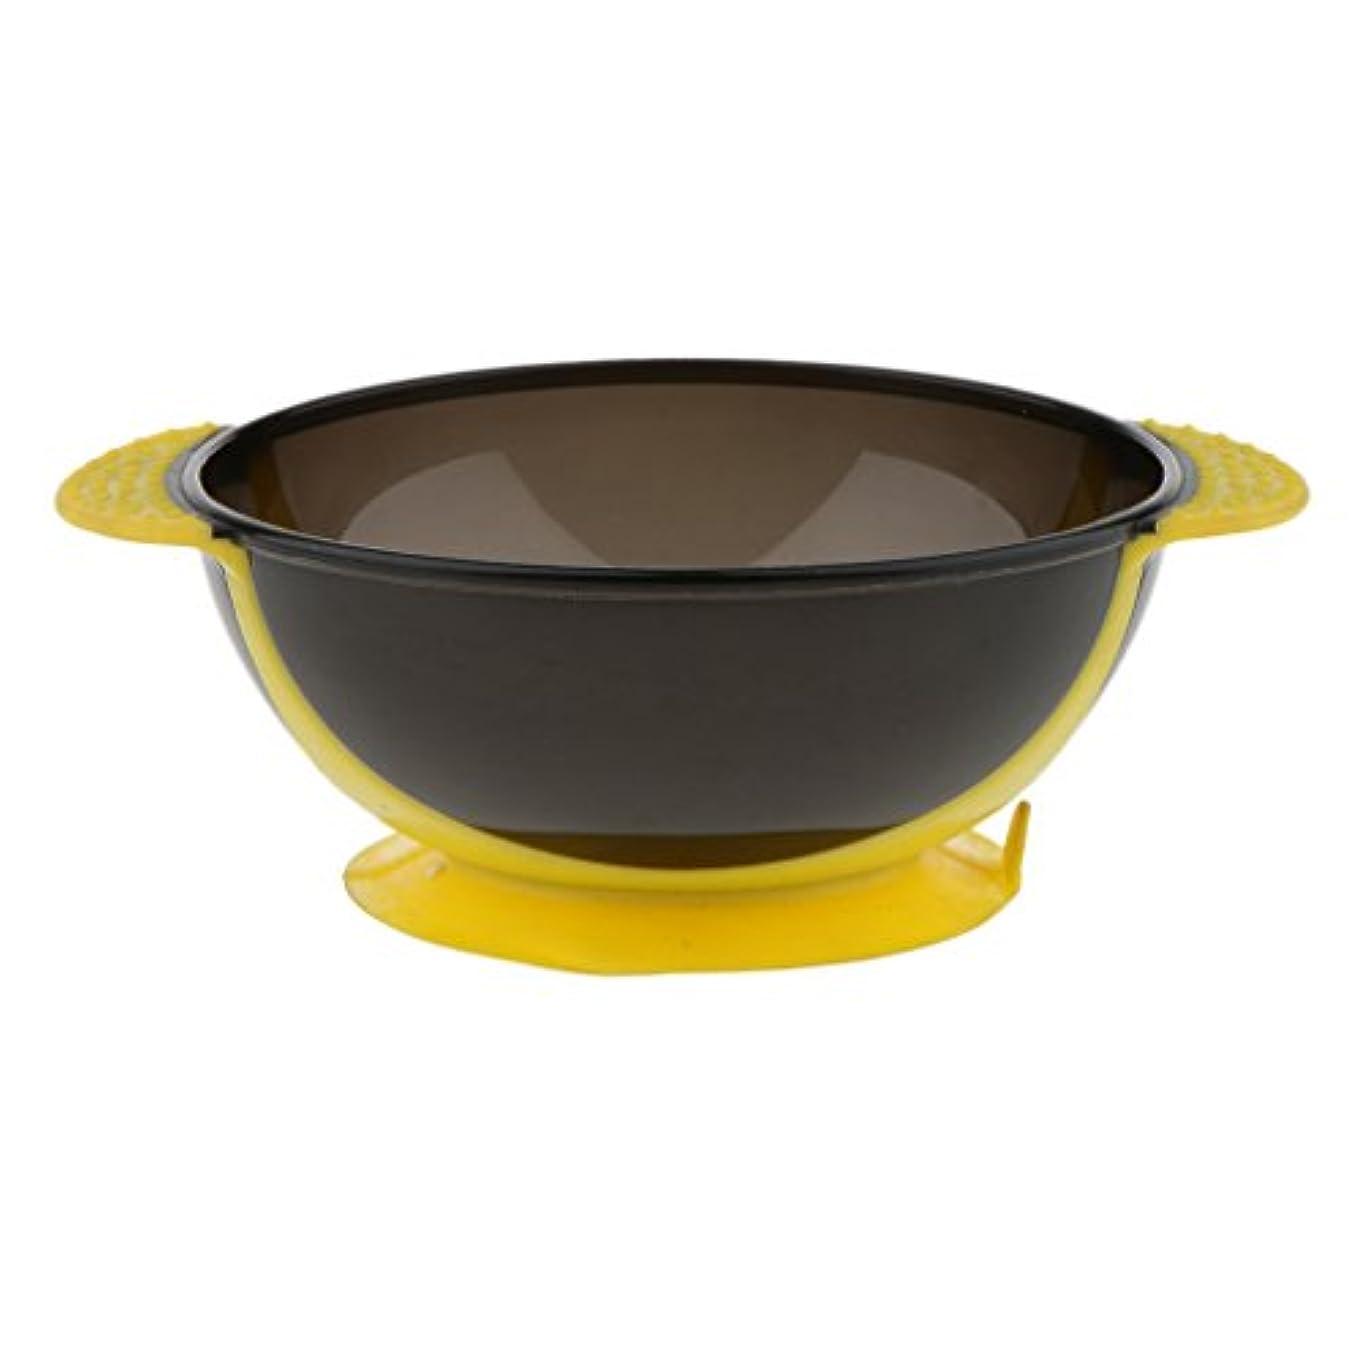 リットルシャベル回転するToygogo ヘアカラー ミキシングボウル ヘアダイボウル 染料 色合い 髪染めミント 吸引ベース 3色選べる - 黄